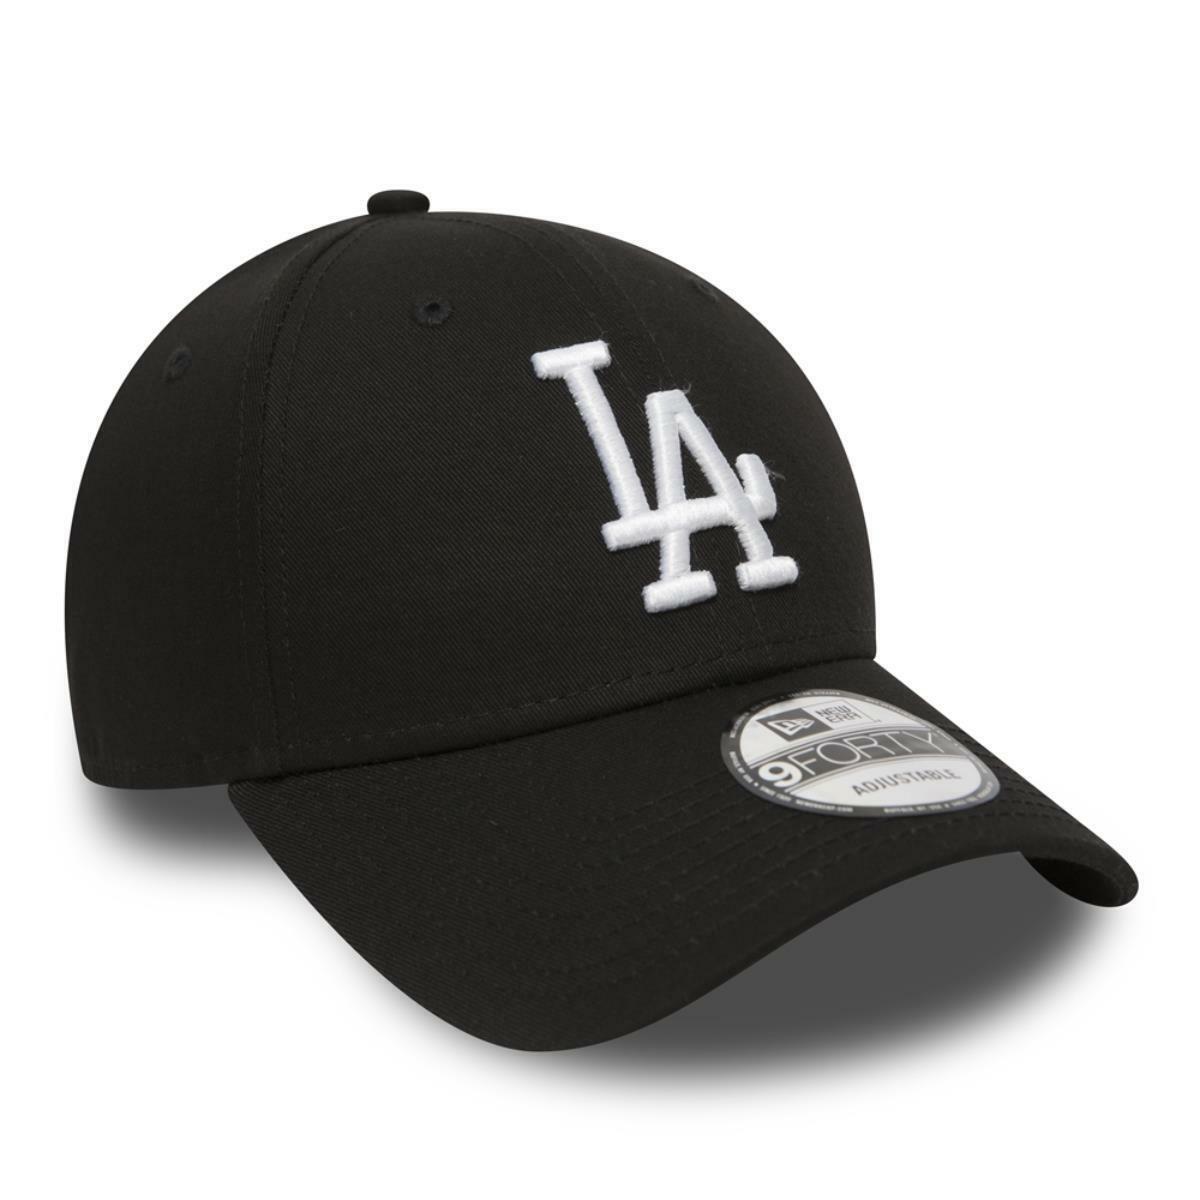 new era new era cappello 11405493 nero cappello unisex